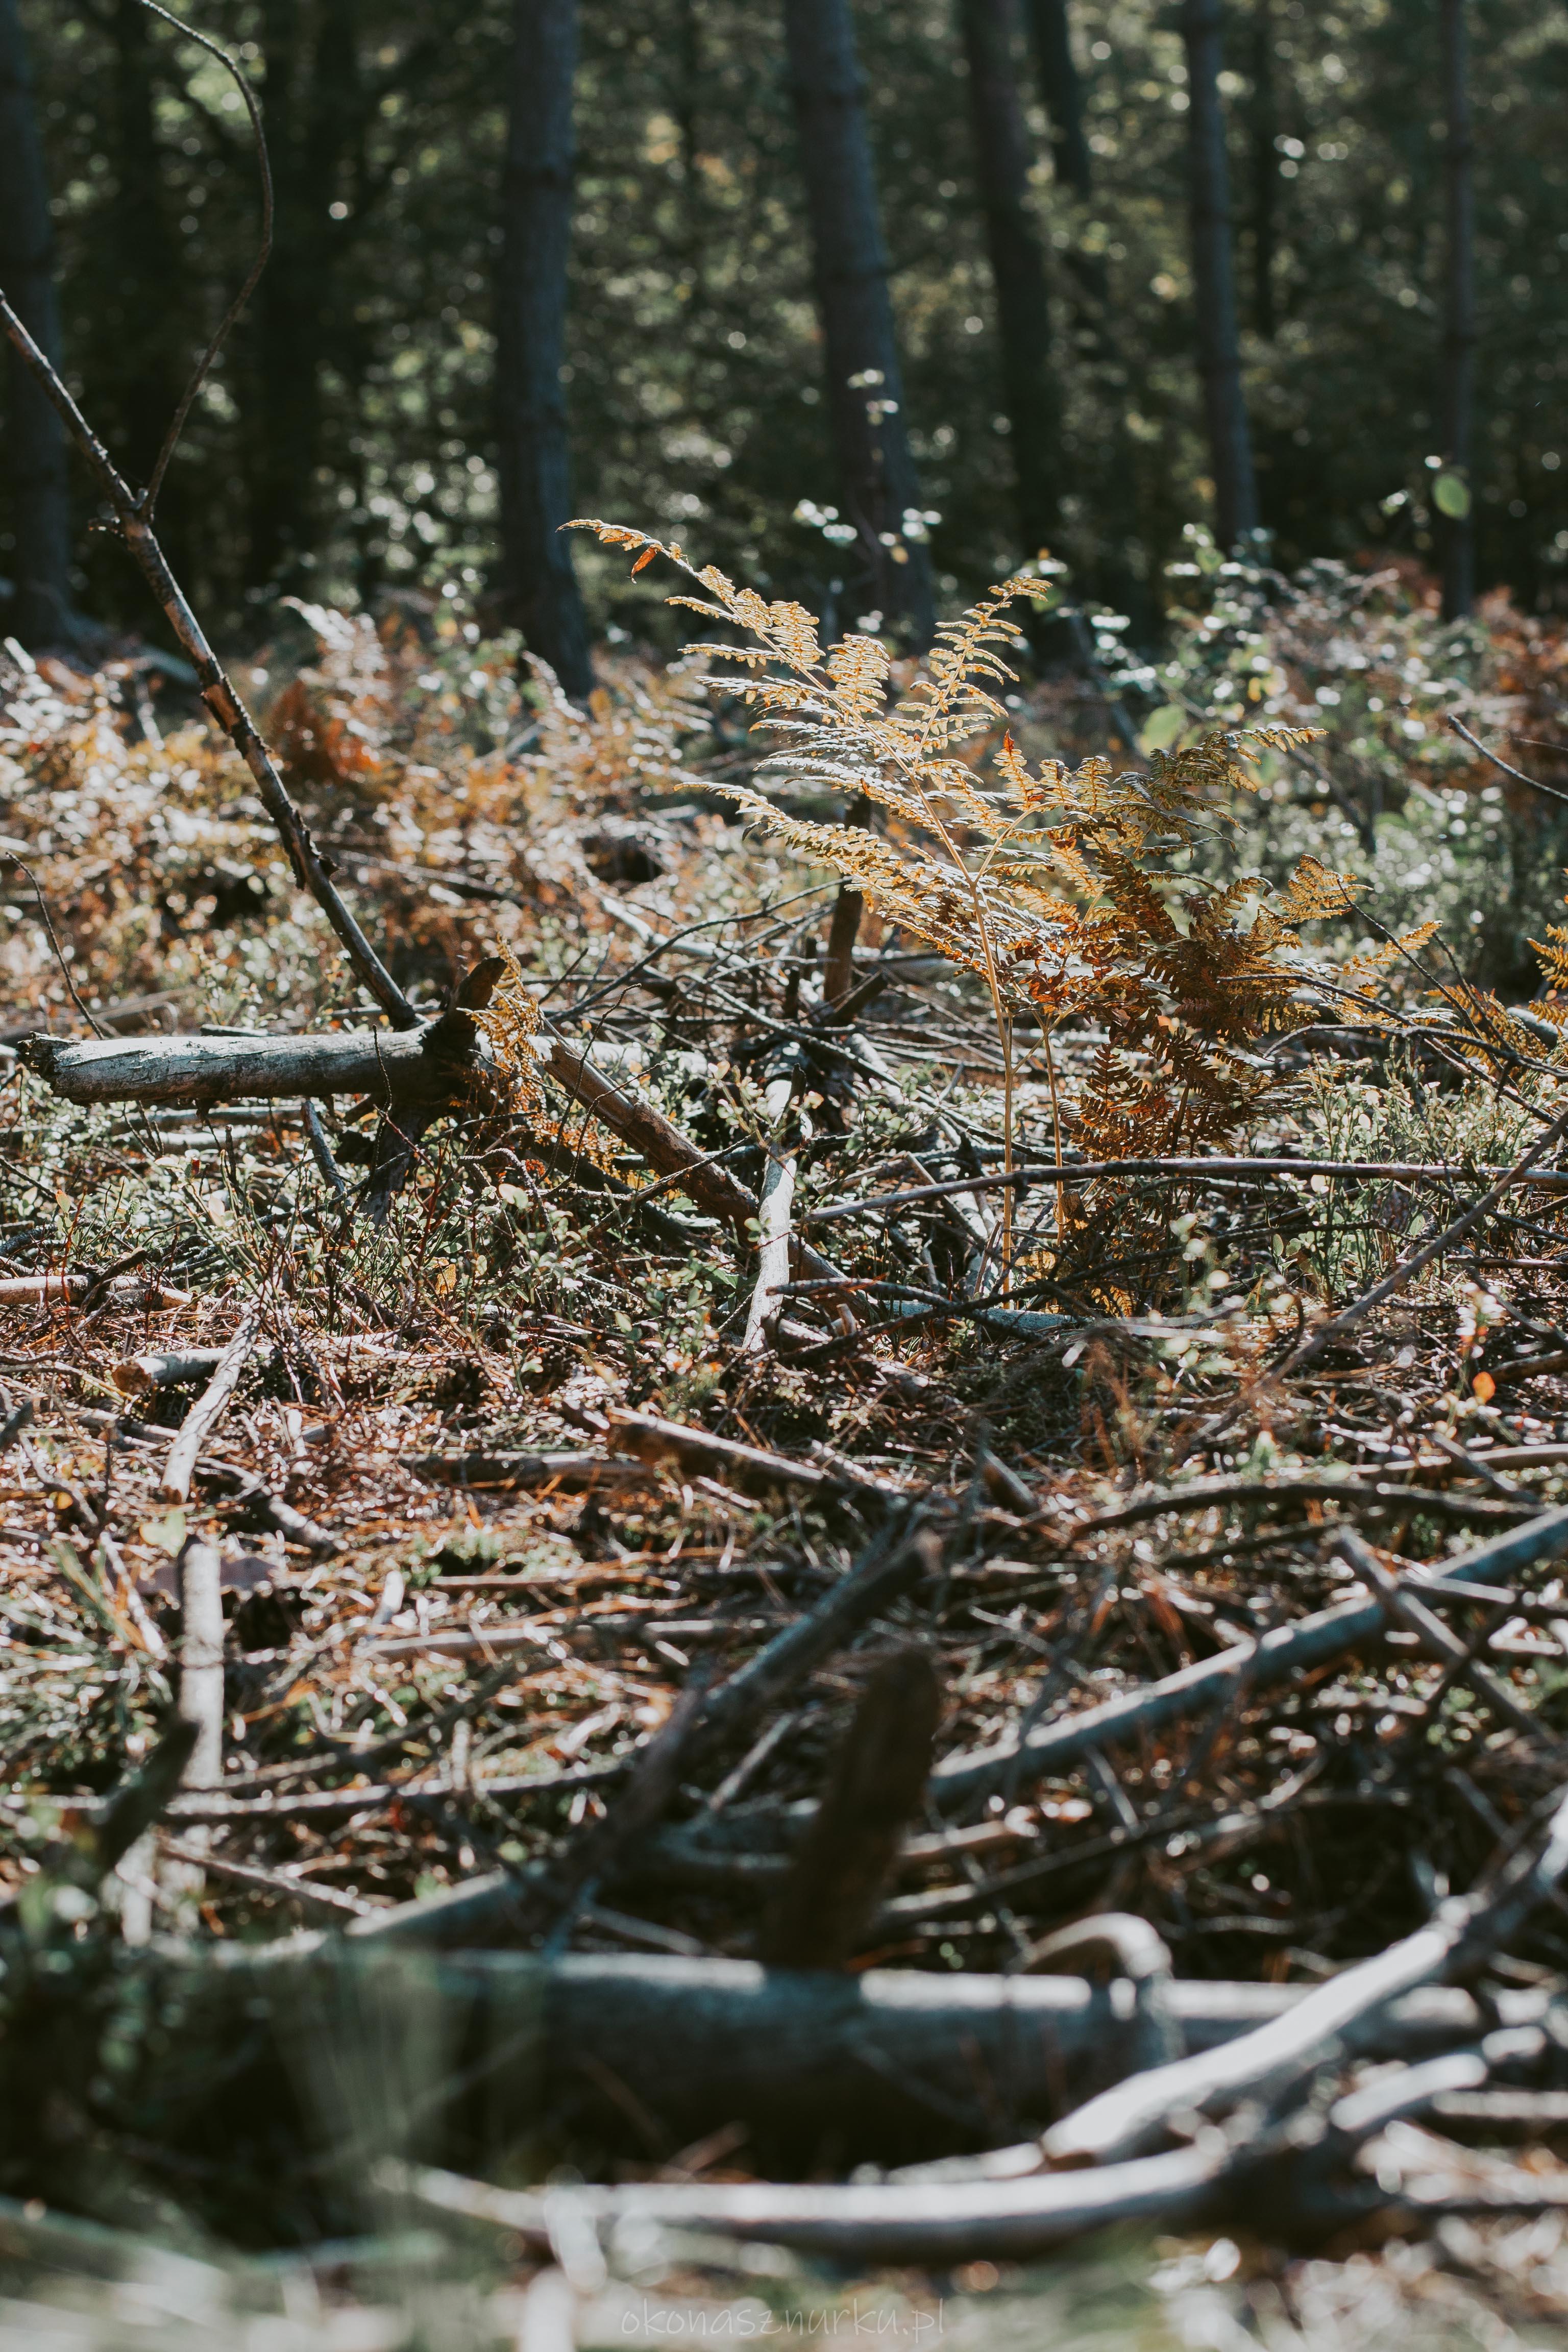 grzybobranie-okonasznurku (18)